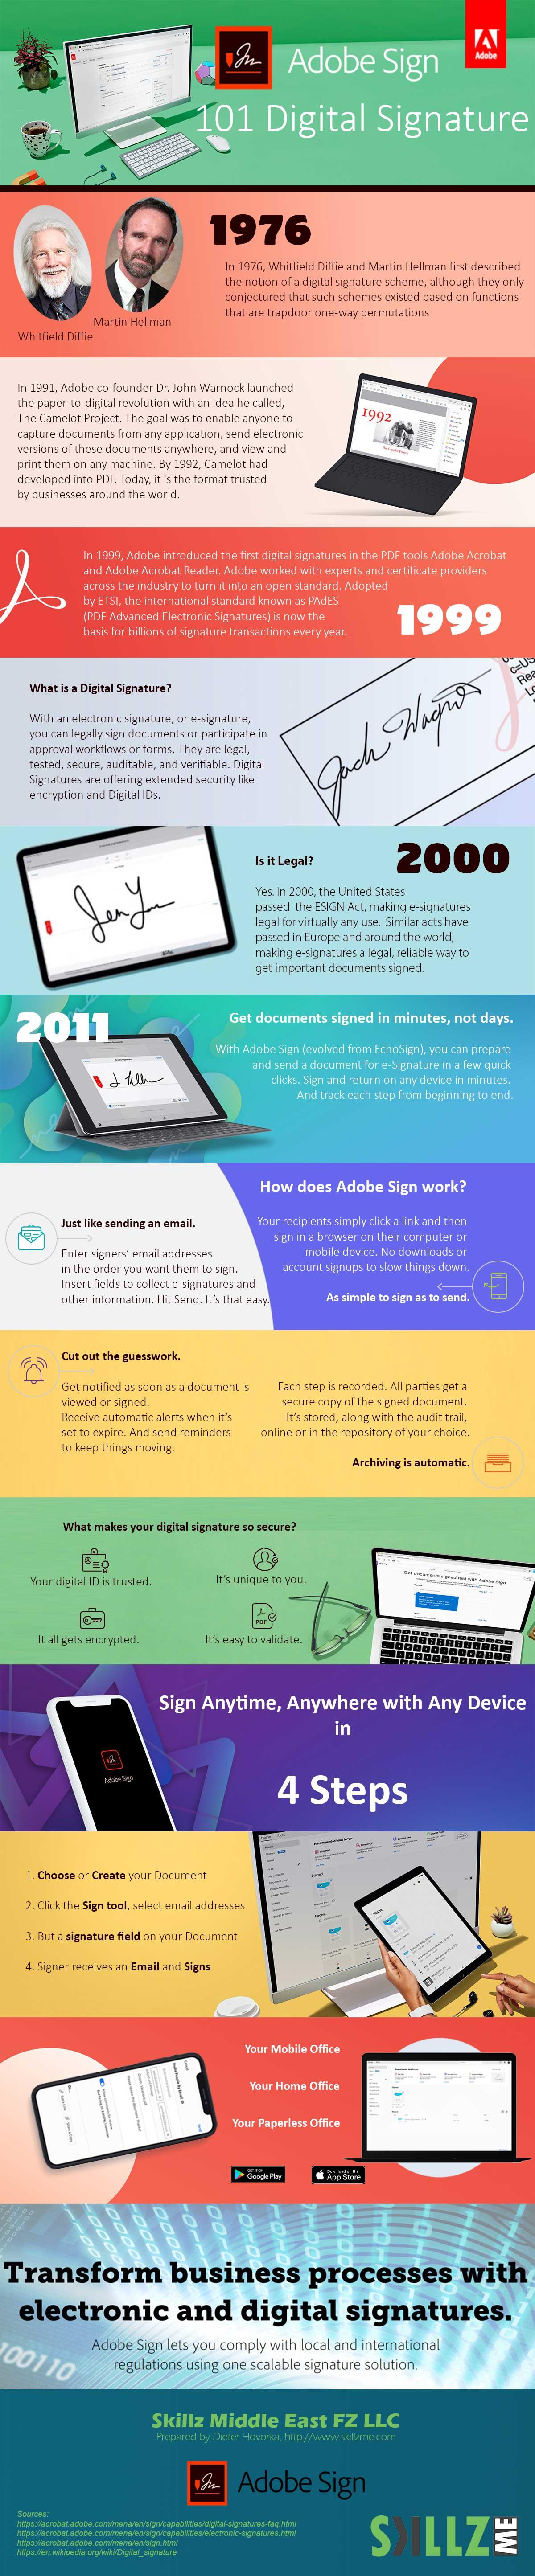 101 Digital Signatures Adobe Sign